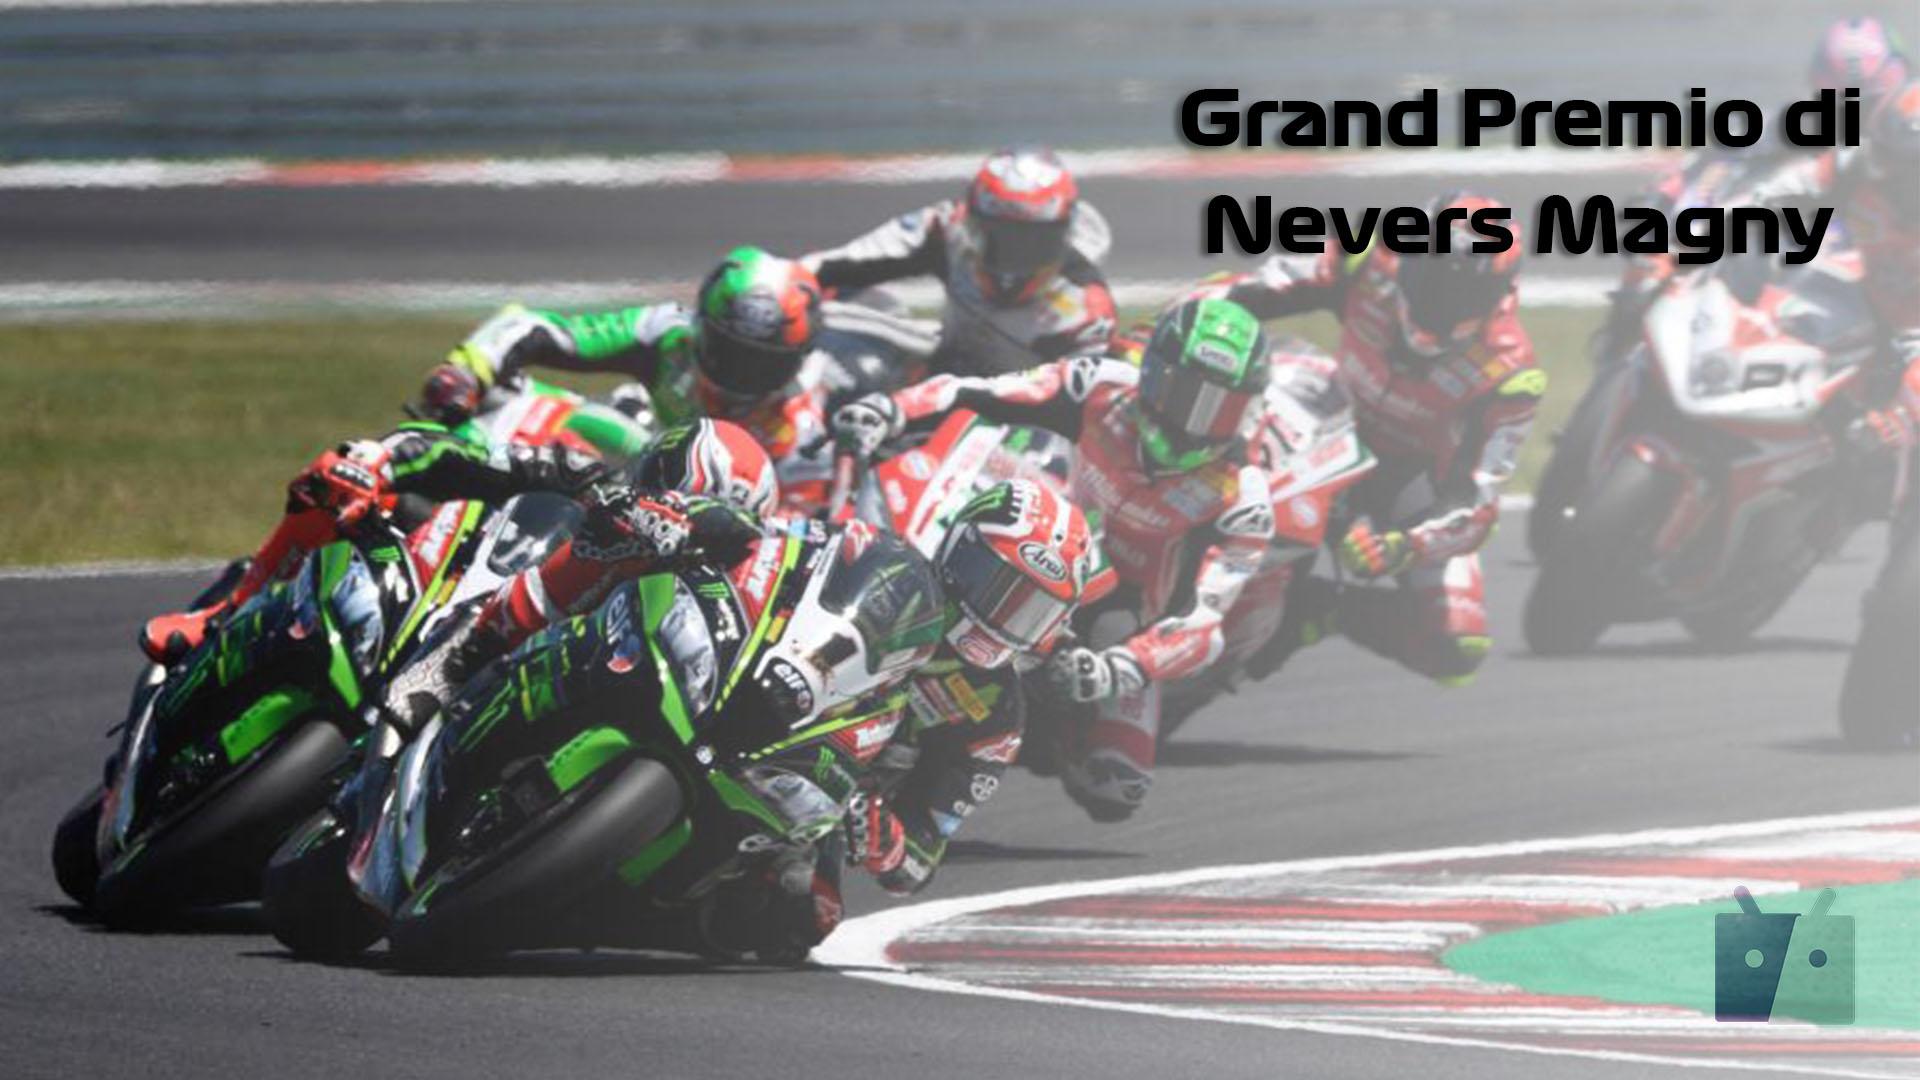 SBK, GP di Nevers Magny 2020 sul circuito di French Round: dove vedere la gara in TV e streaming